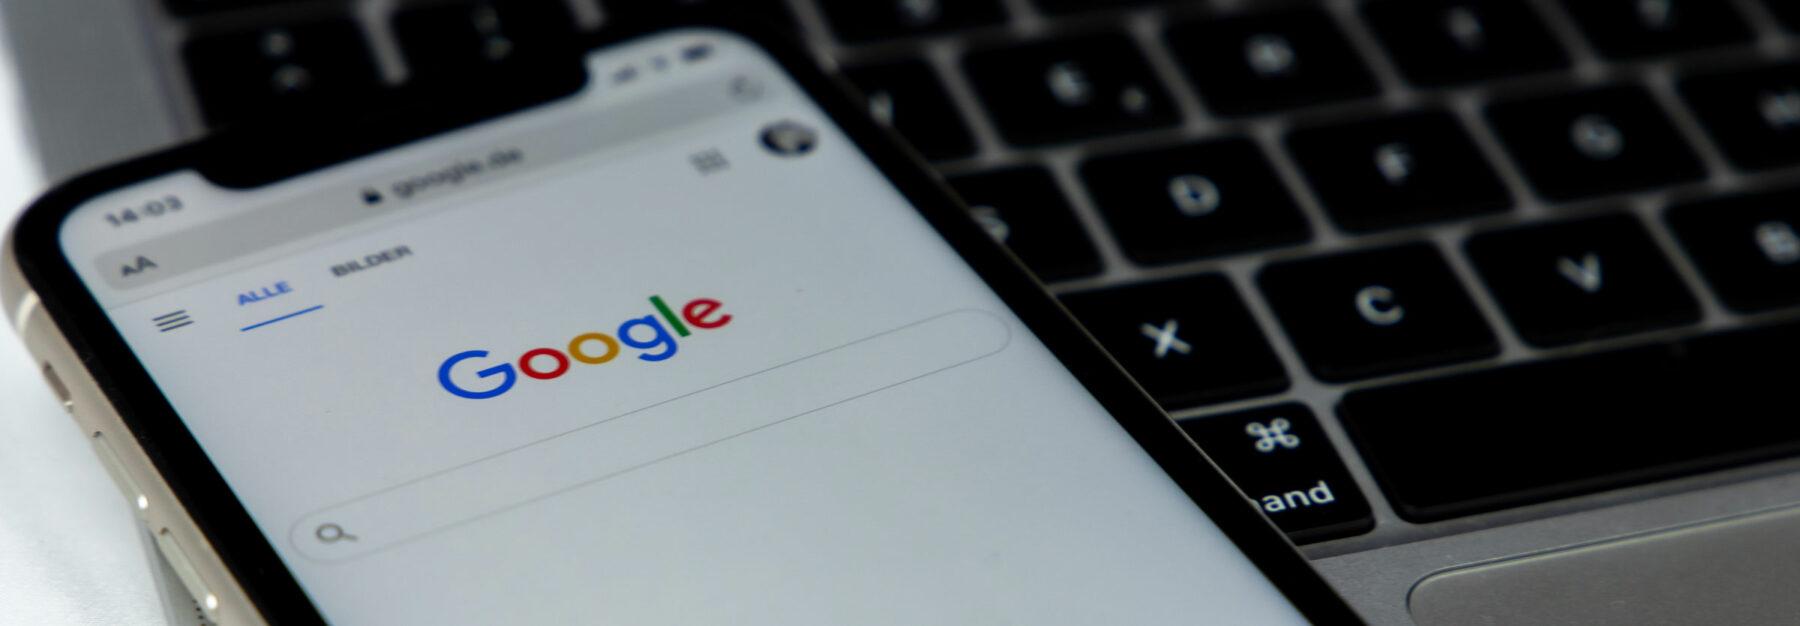 Referenzen-Header: Google-Suche Mobil-Ansicht